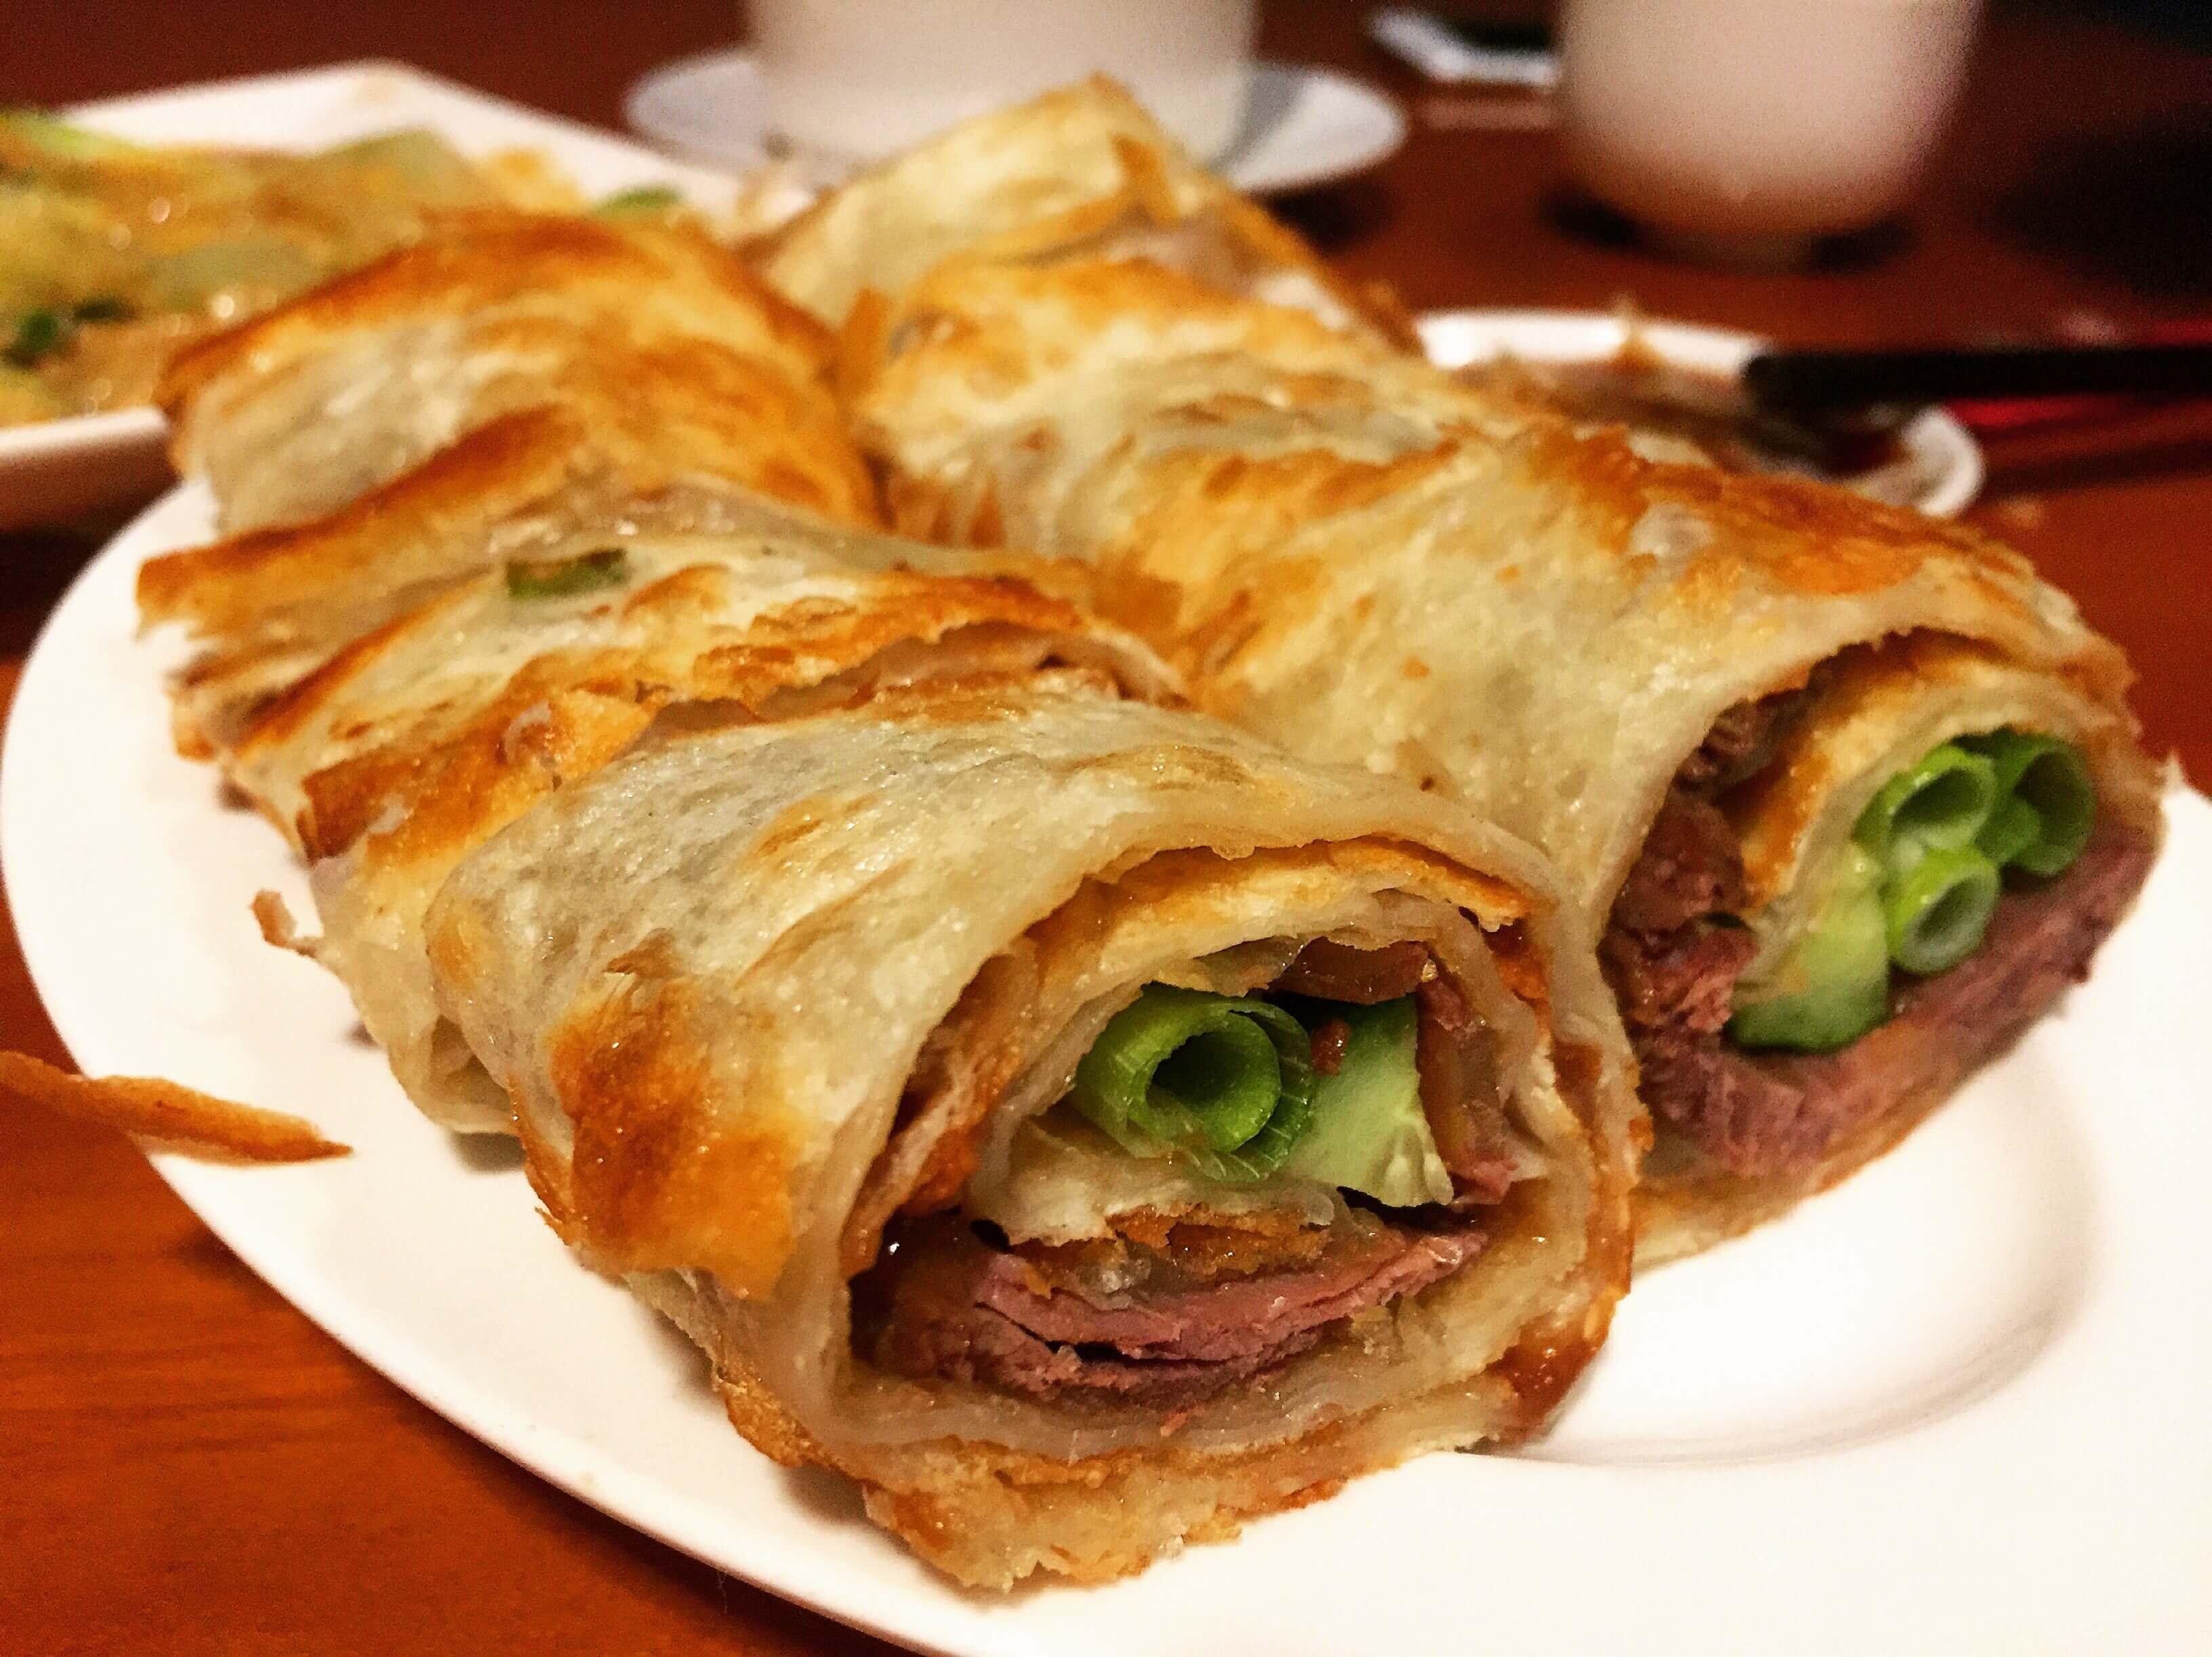 盛園絲瓜小龍湯包的大餅捲牛肉。(圖/吐司客拍攝)